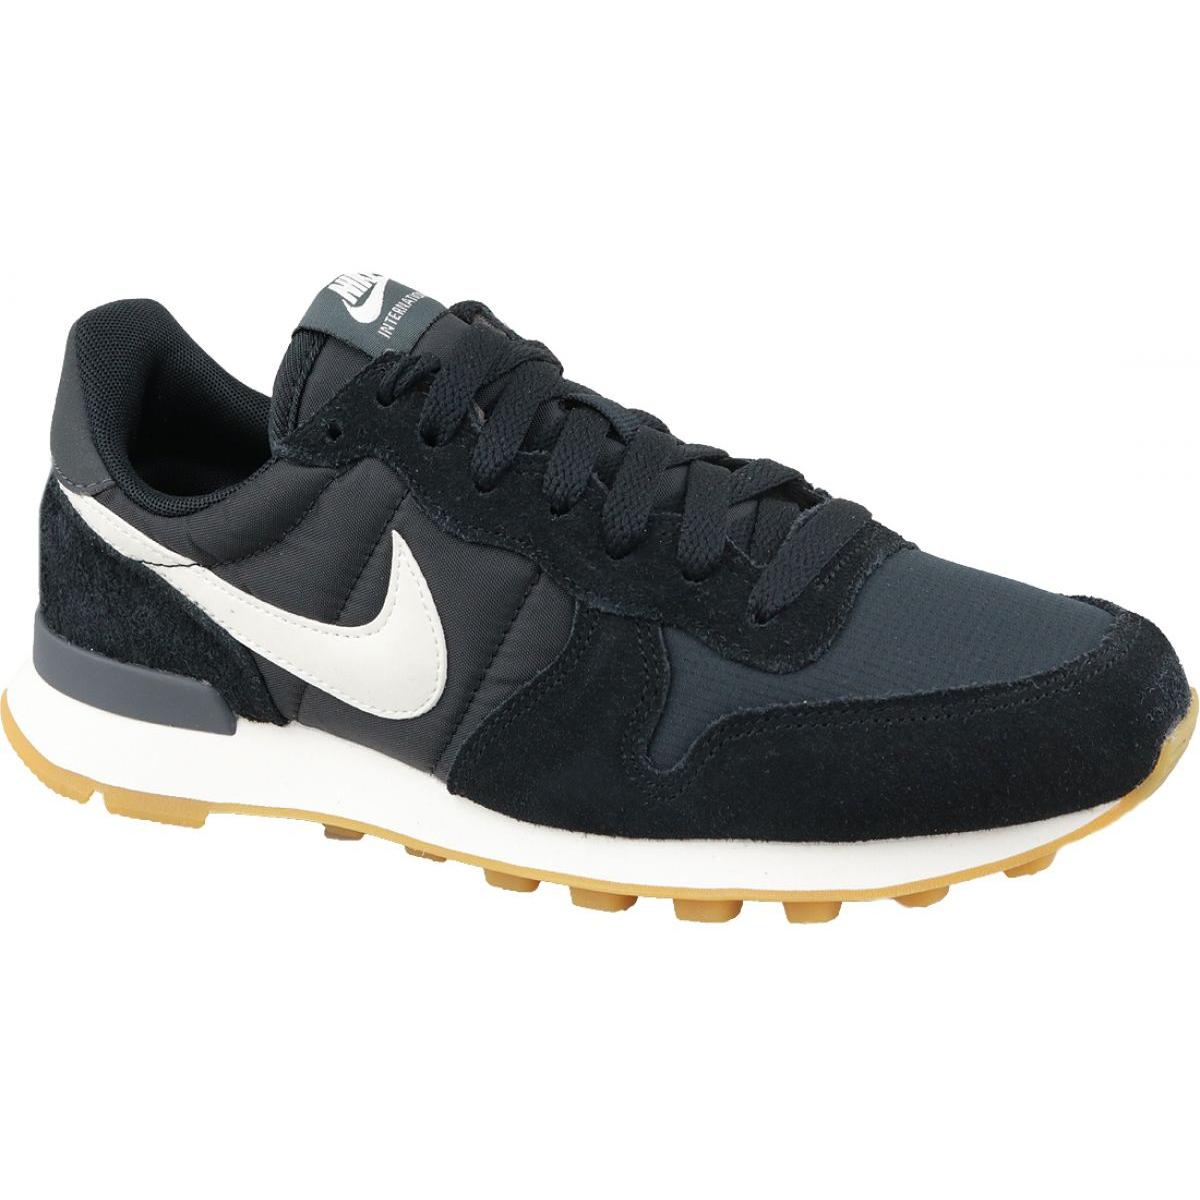 Zapatos Nike Wmns Internationalist W 828407 021 negro